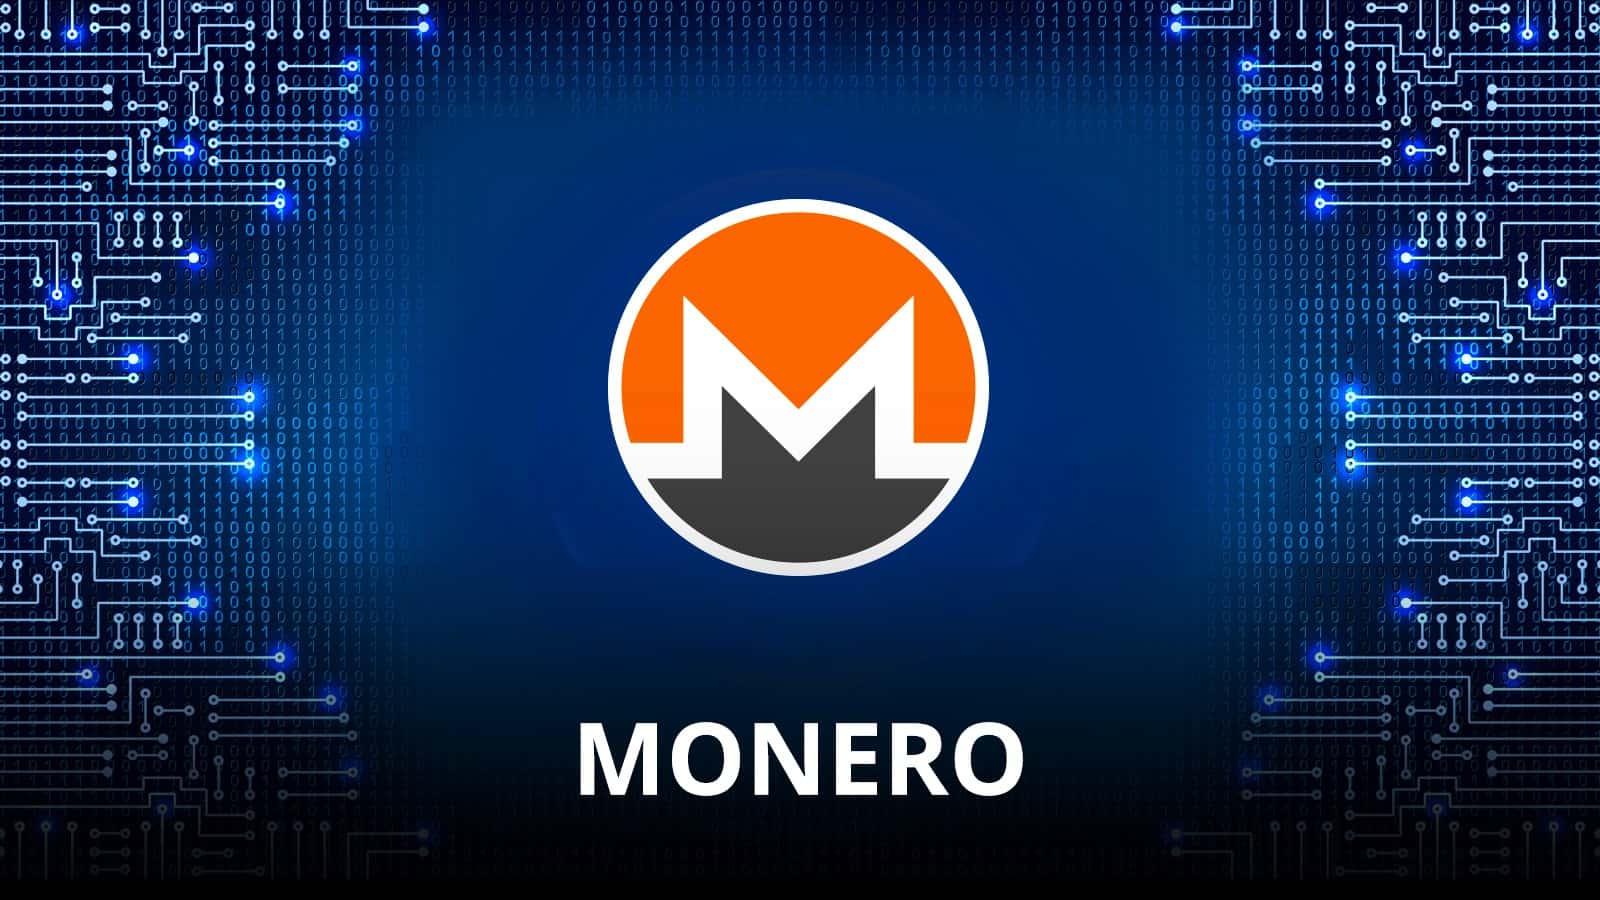 La falla recientemente descubierta de Monero (XMR) afectará negativamente la privacidad de la transacción